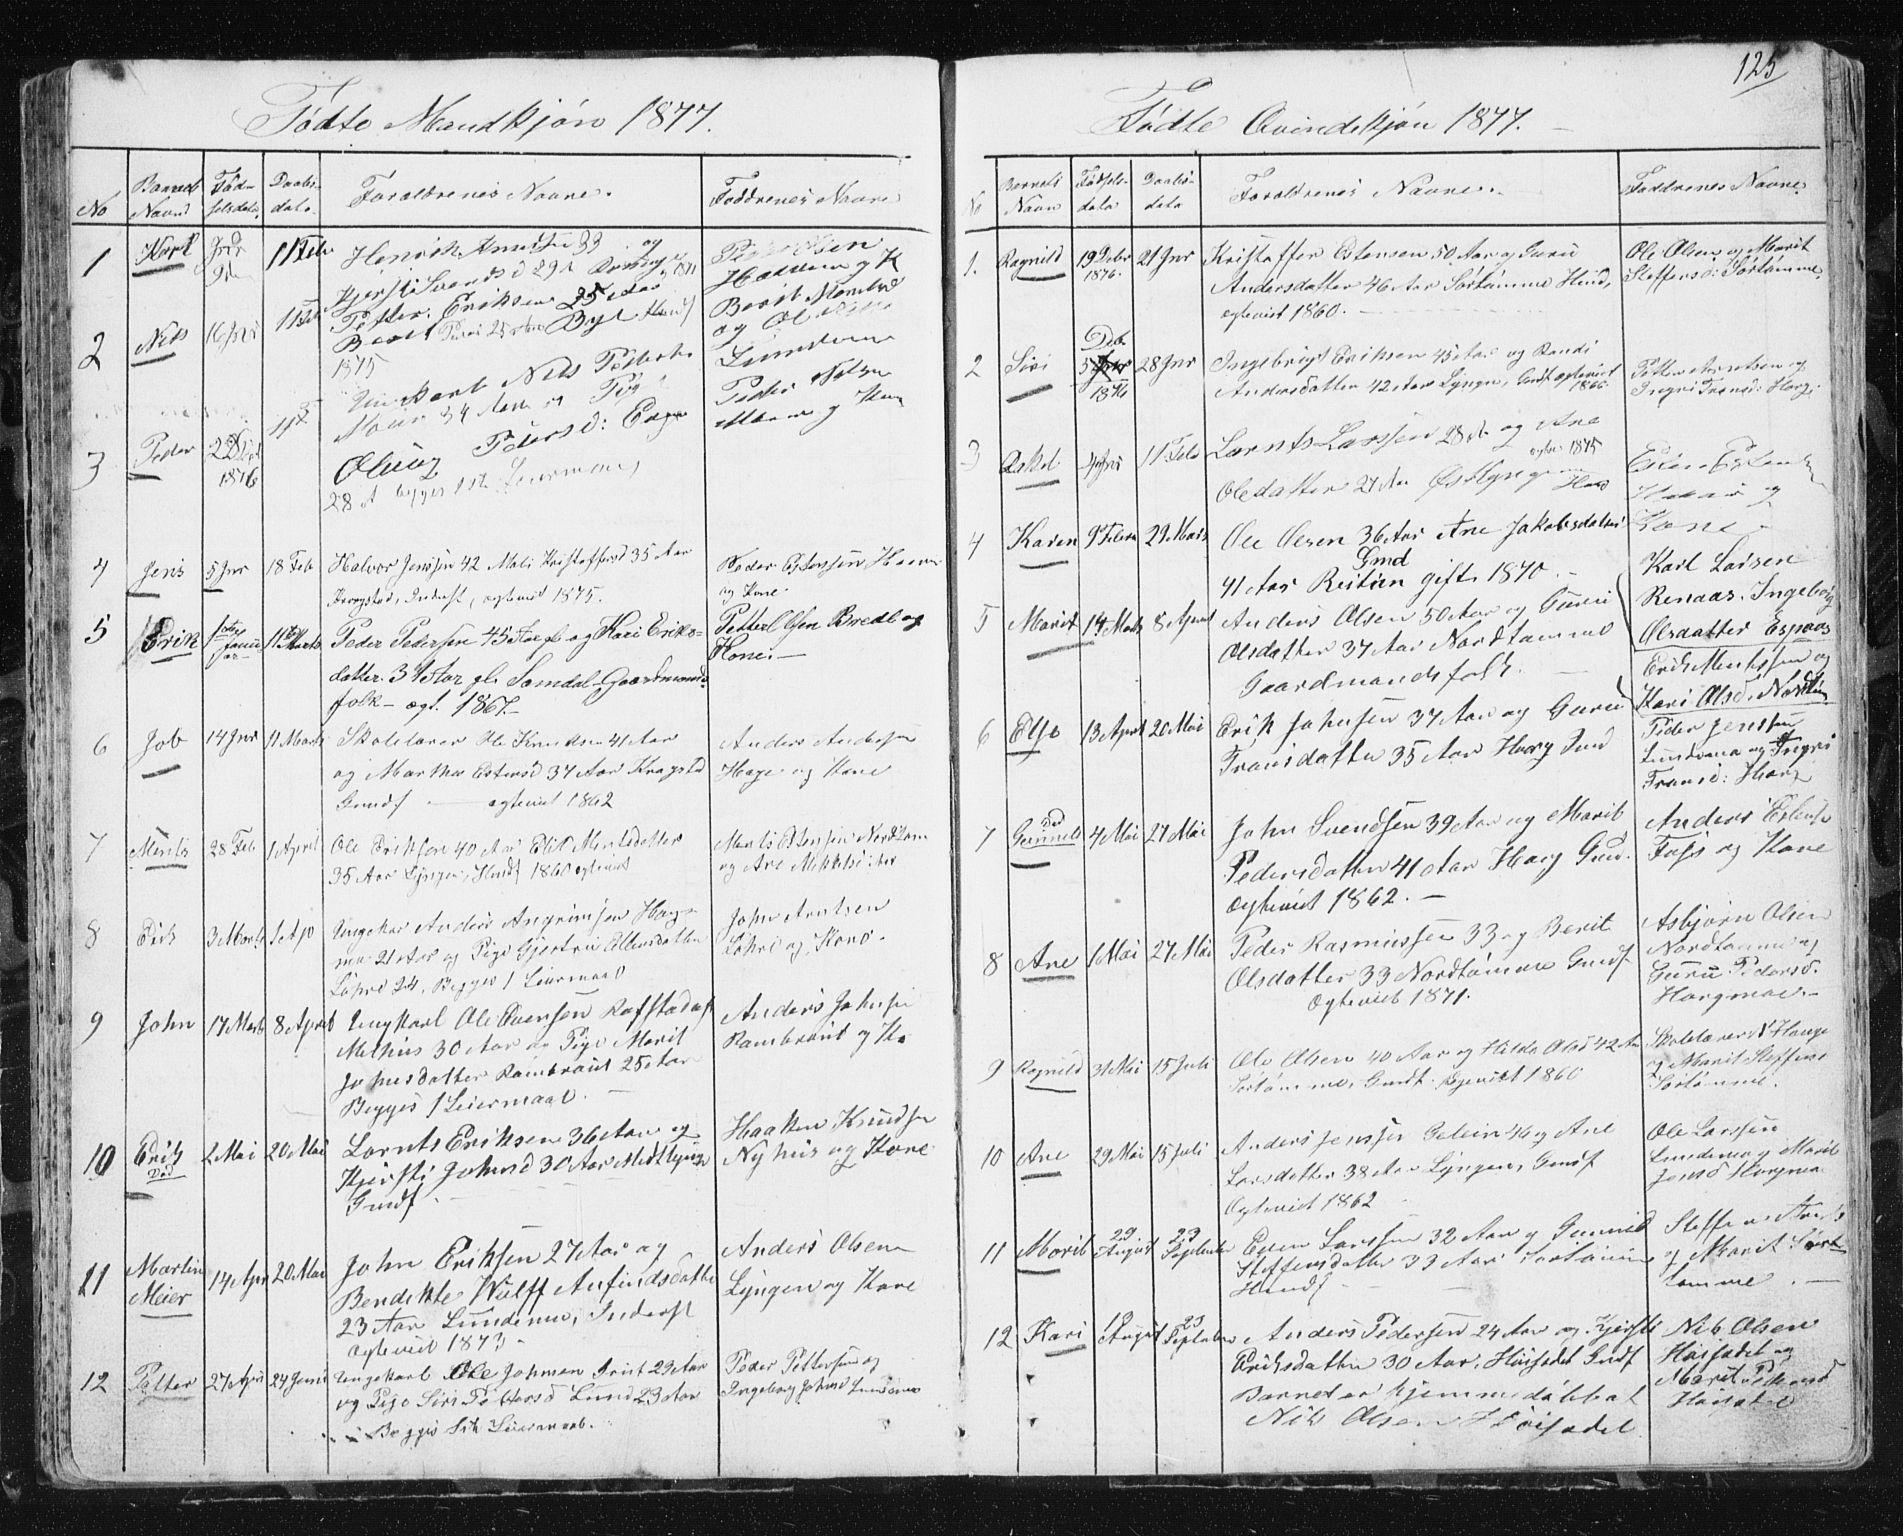 SAT, Ministerialprotokoller, klokkerbøker og fødselsregistre - Sør-Trøndelag, 692/L1110: Klokkerbok nr. 692C05, 1849-1889, s. 125